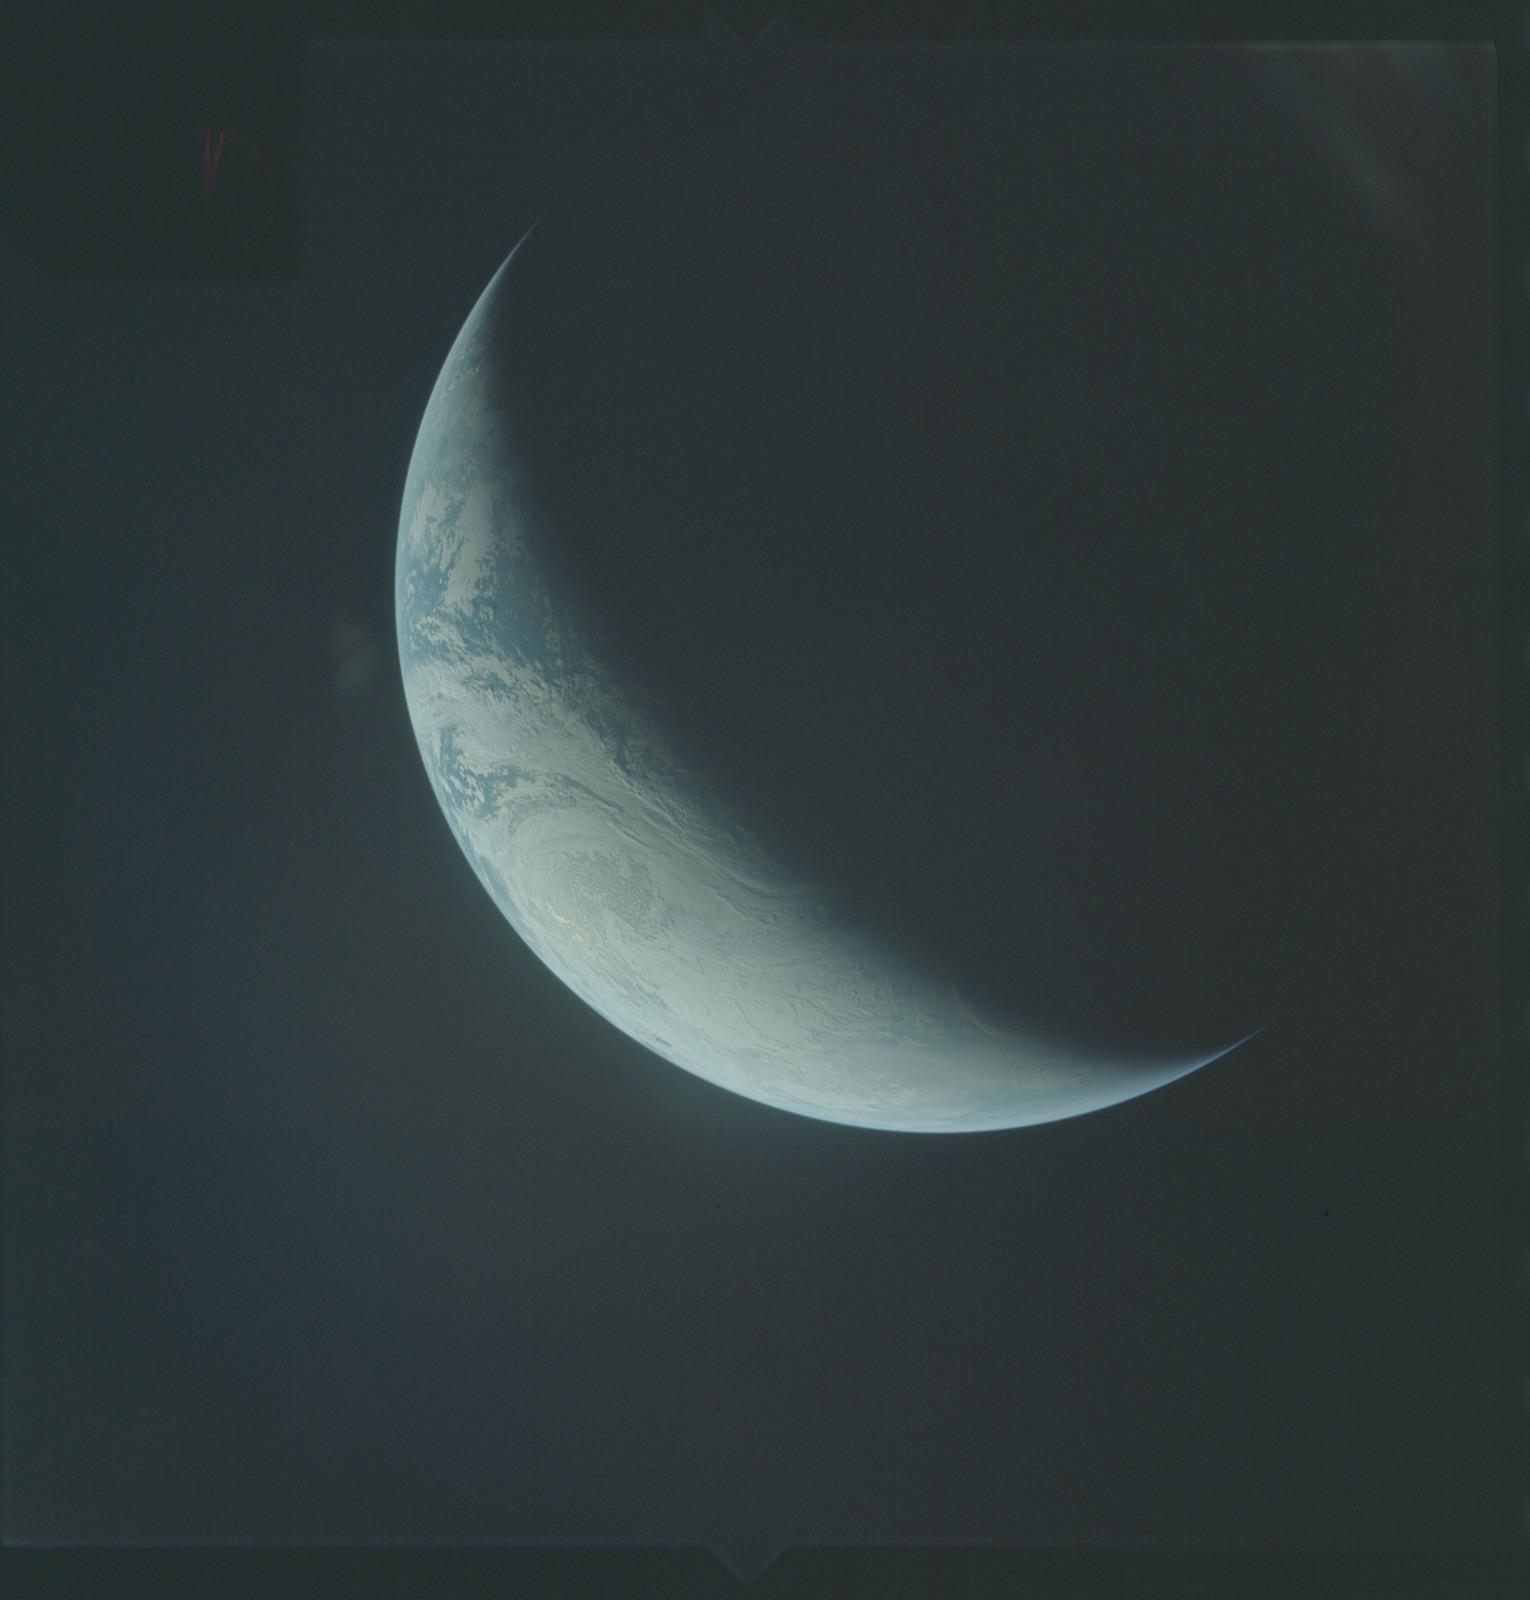 AS04-01-524 - Apollo 4